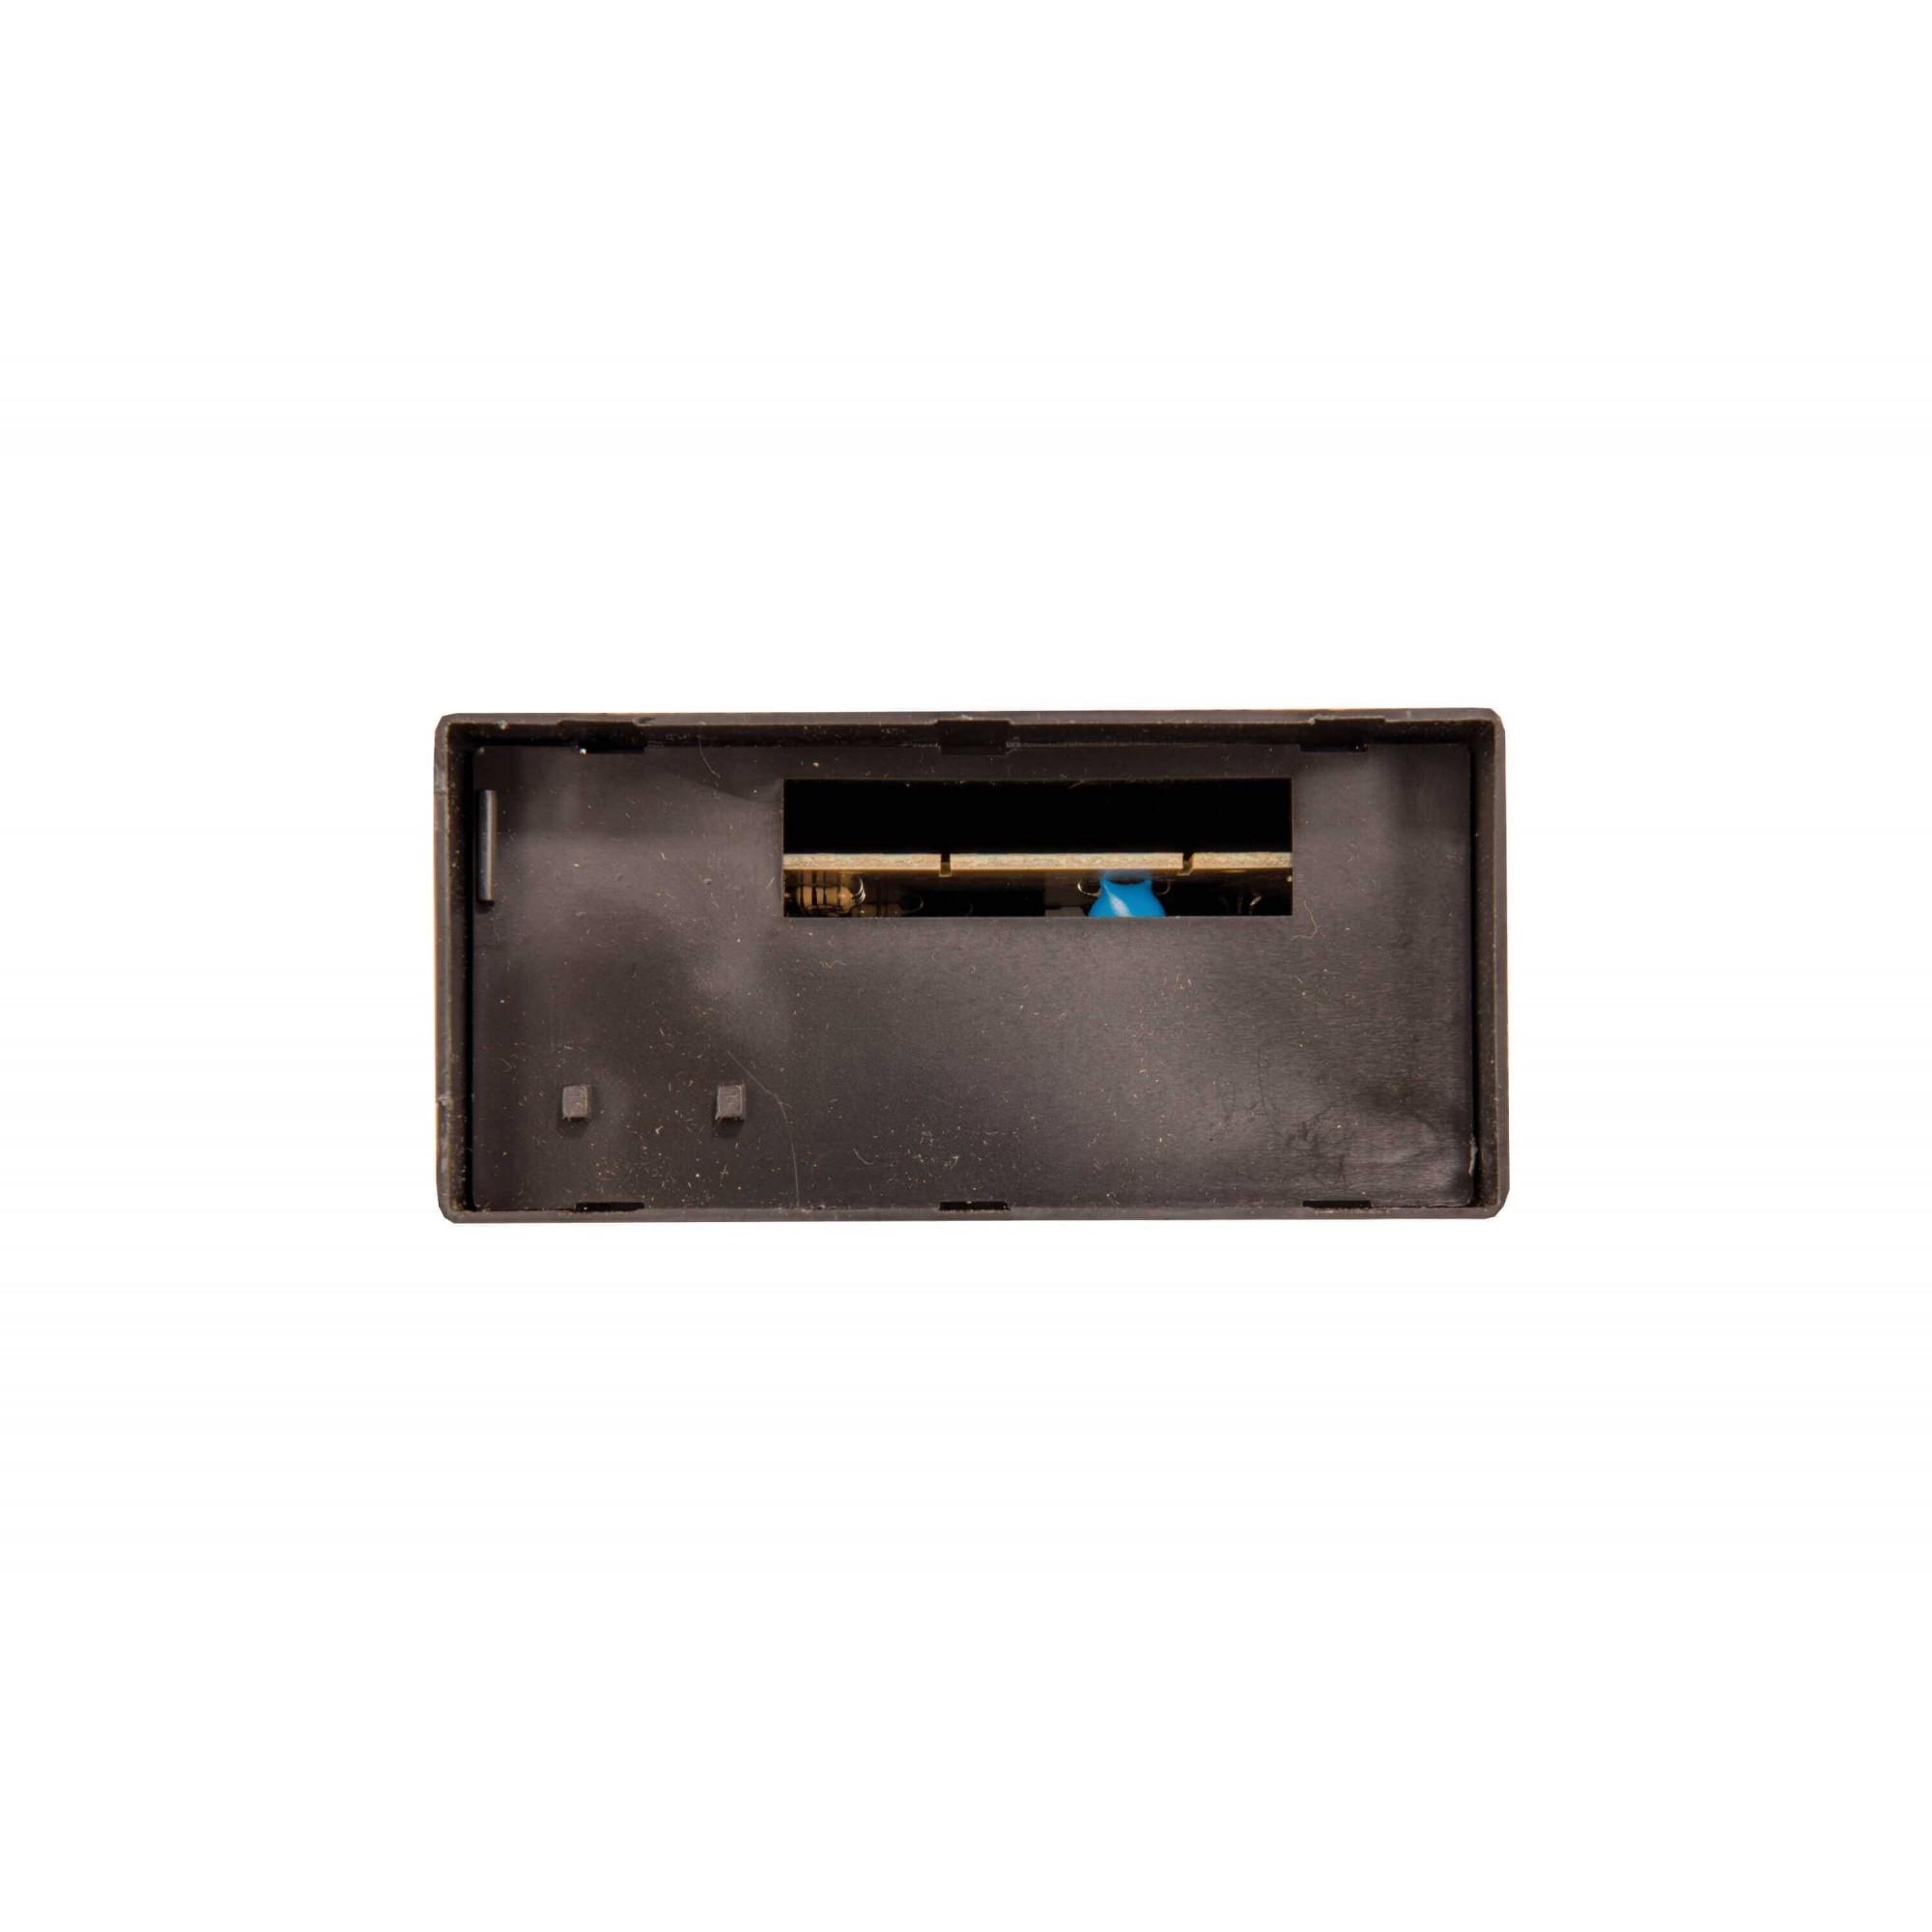 Placa Modulo eletronico Geladeira Brastemp e Consul BRM34 sem Led 127v